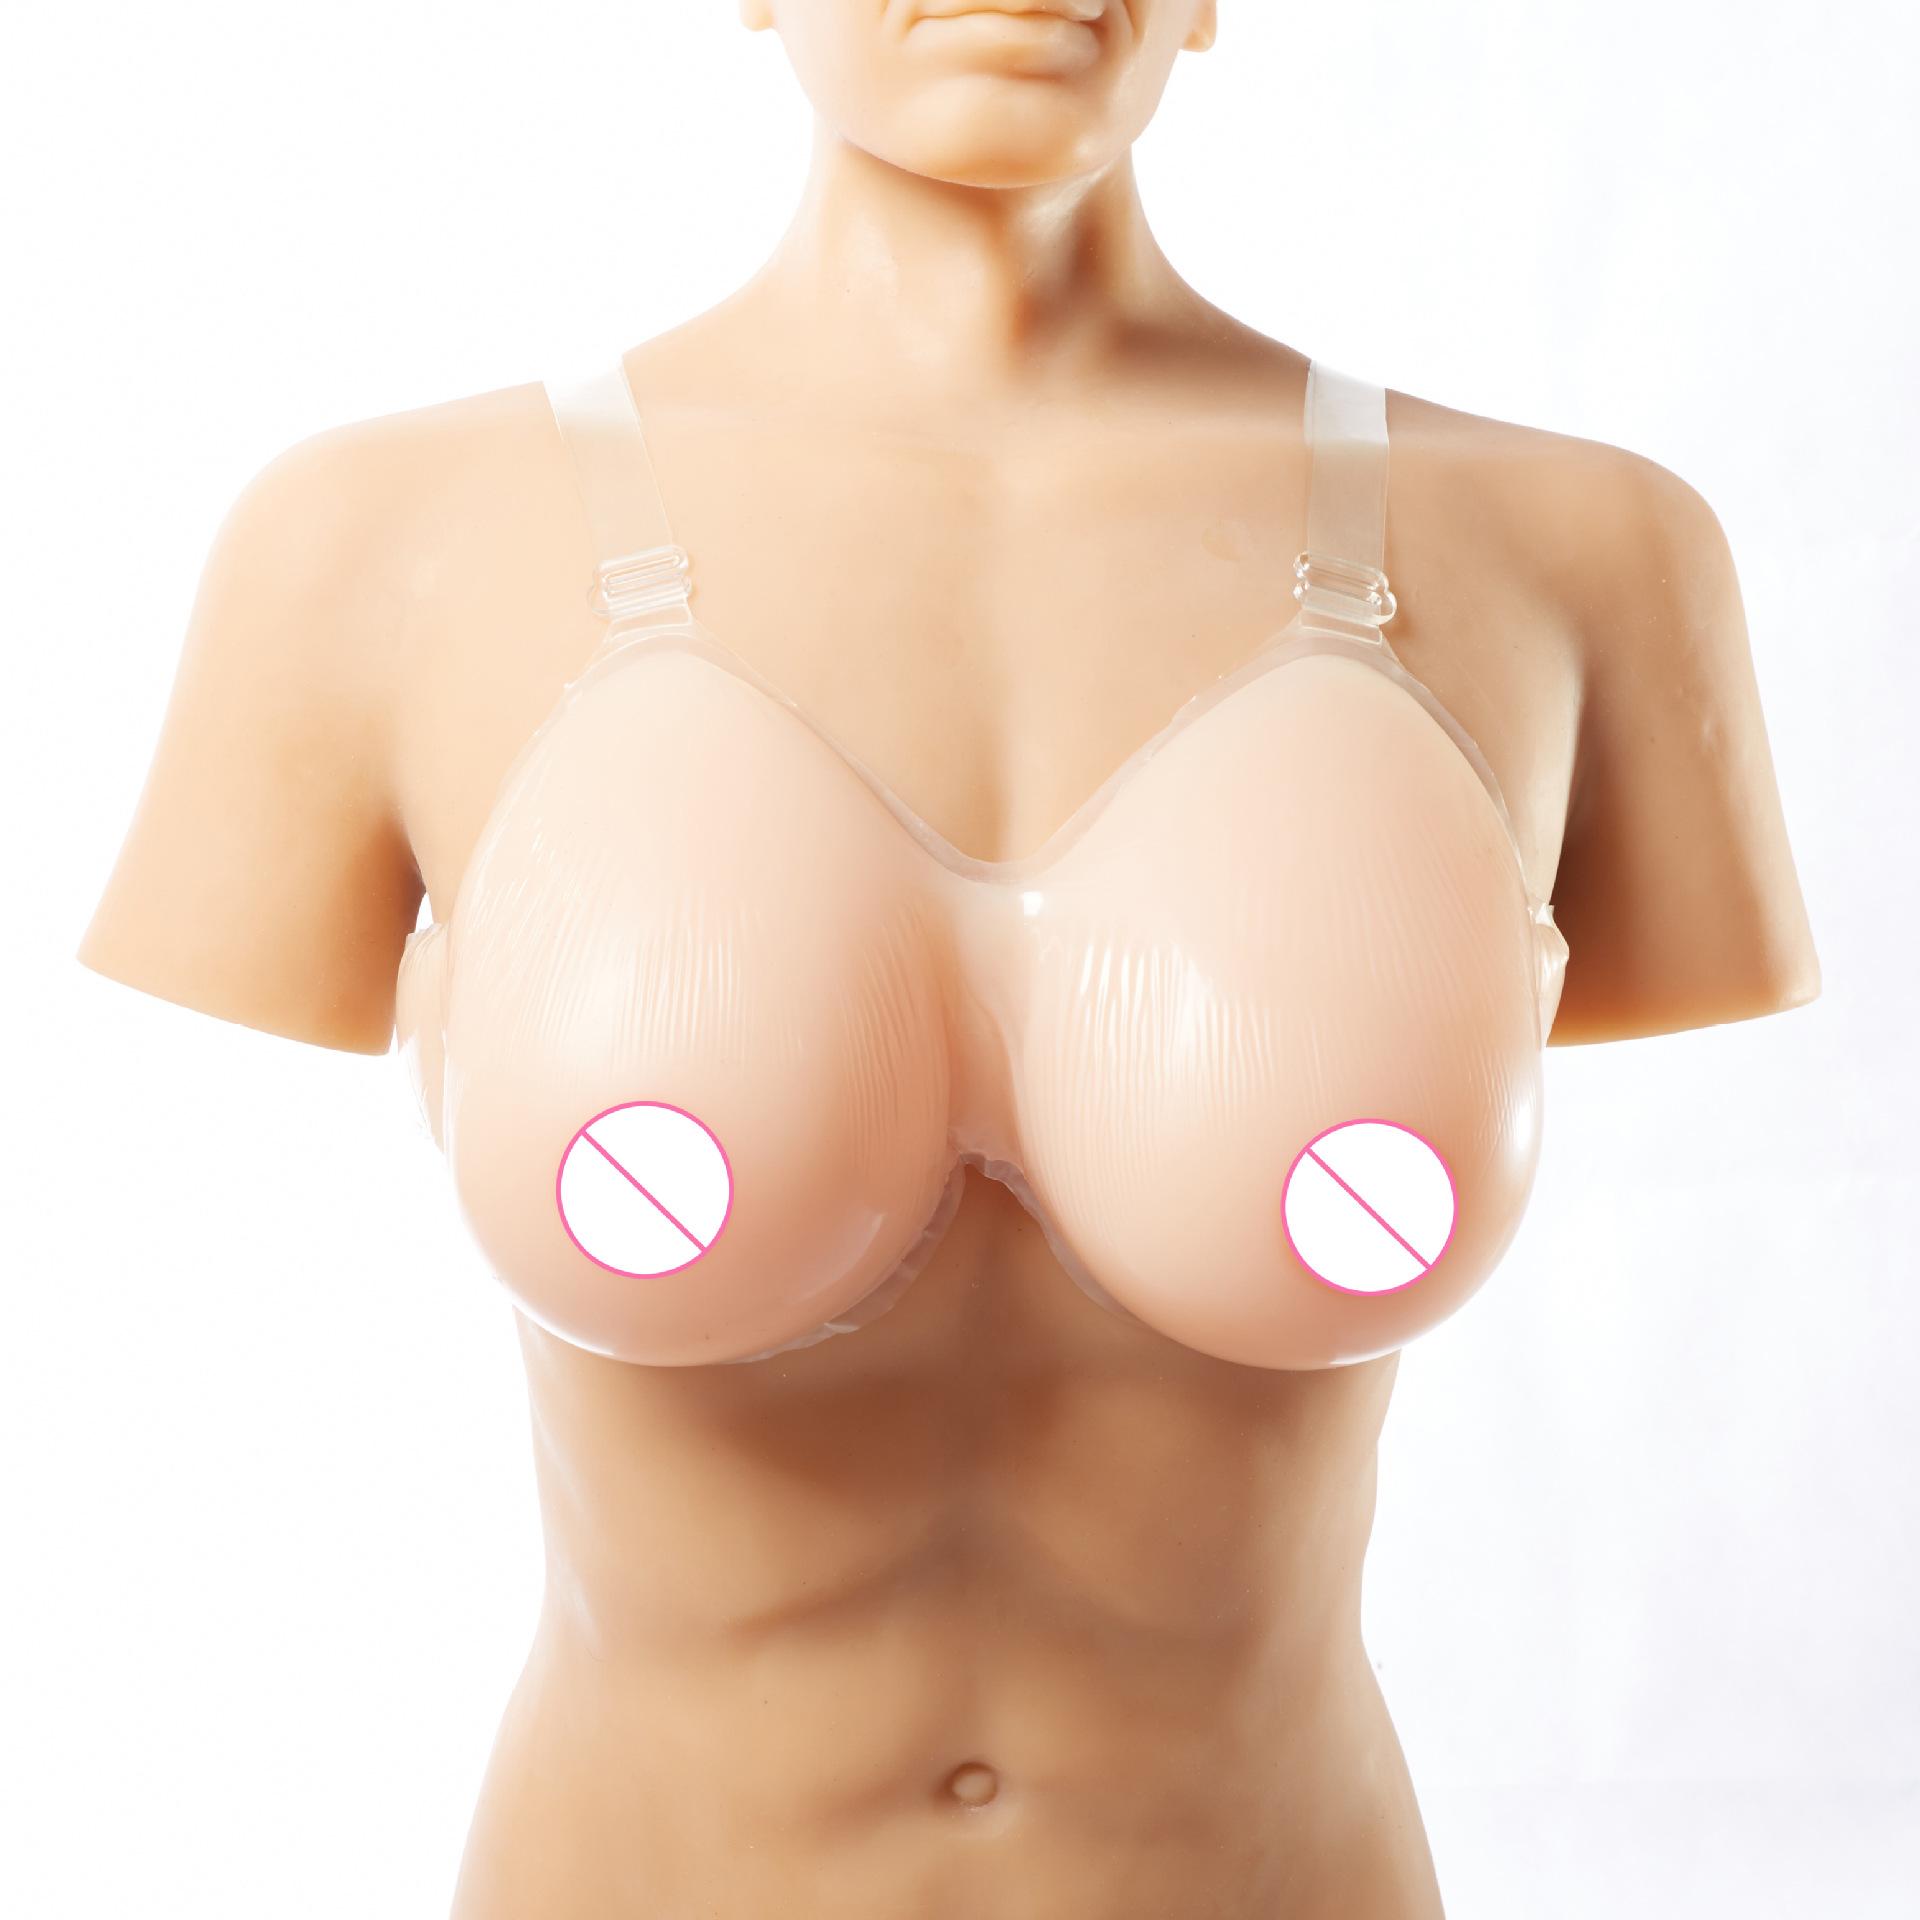 男用cd水滴型假胸直播假胸女主播假乳房超大硅胶义乳男用仿真伪娘